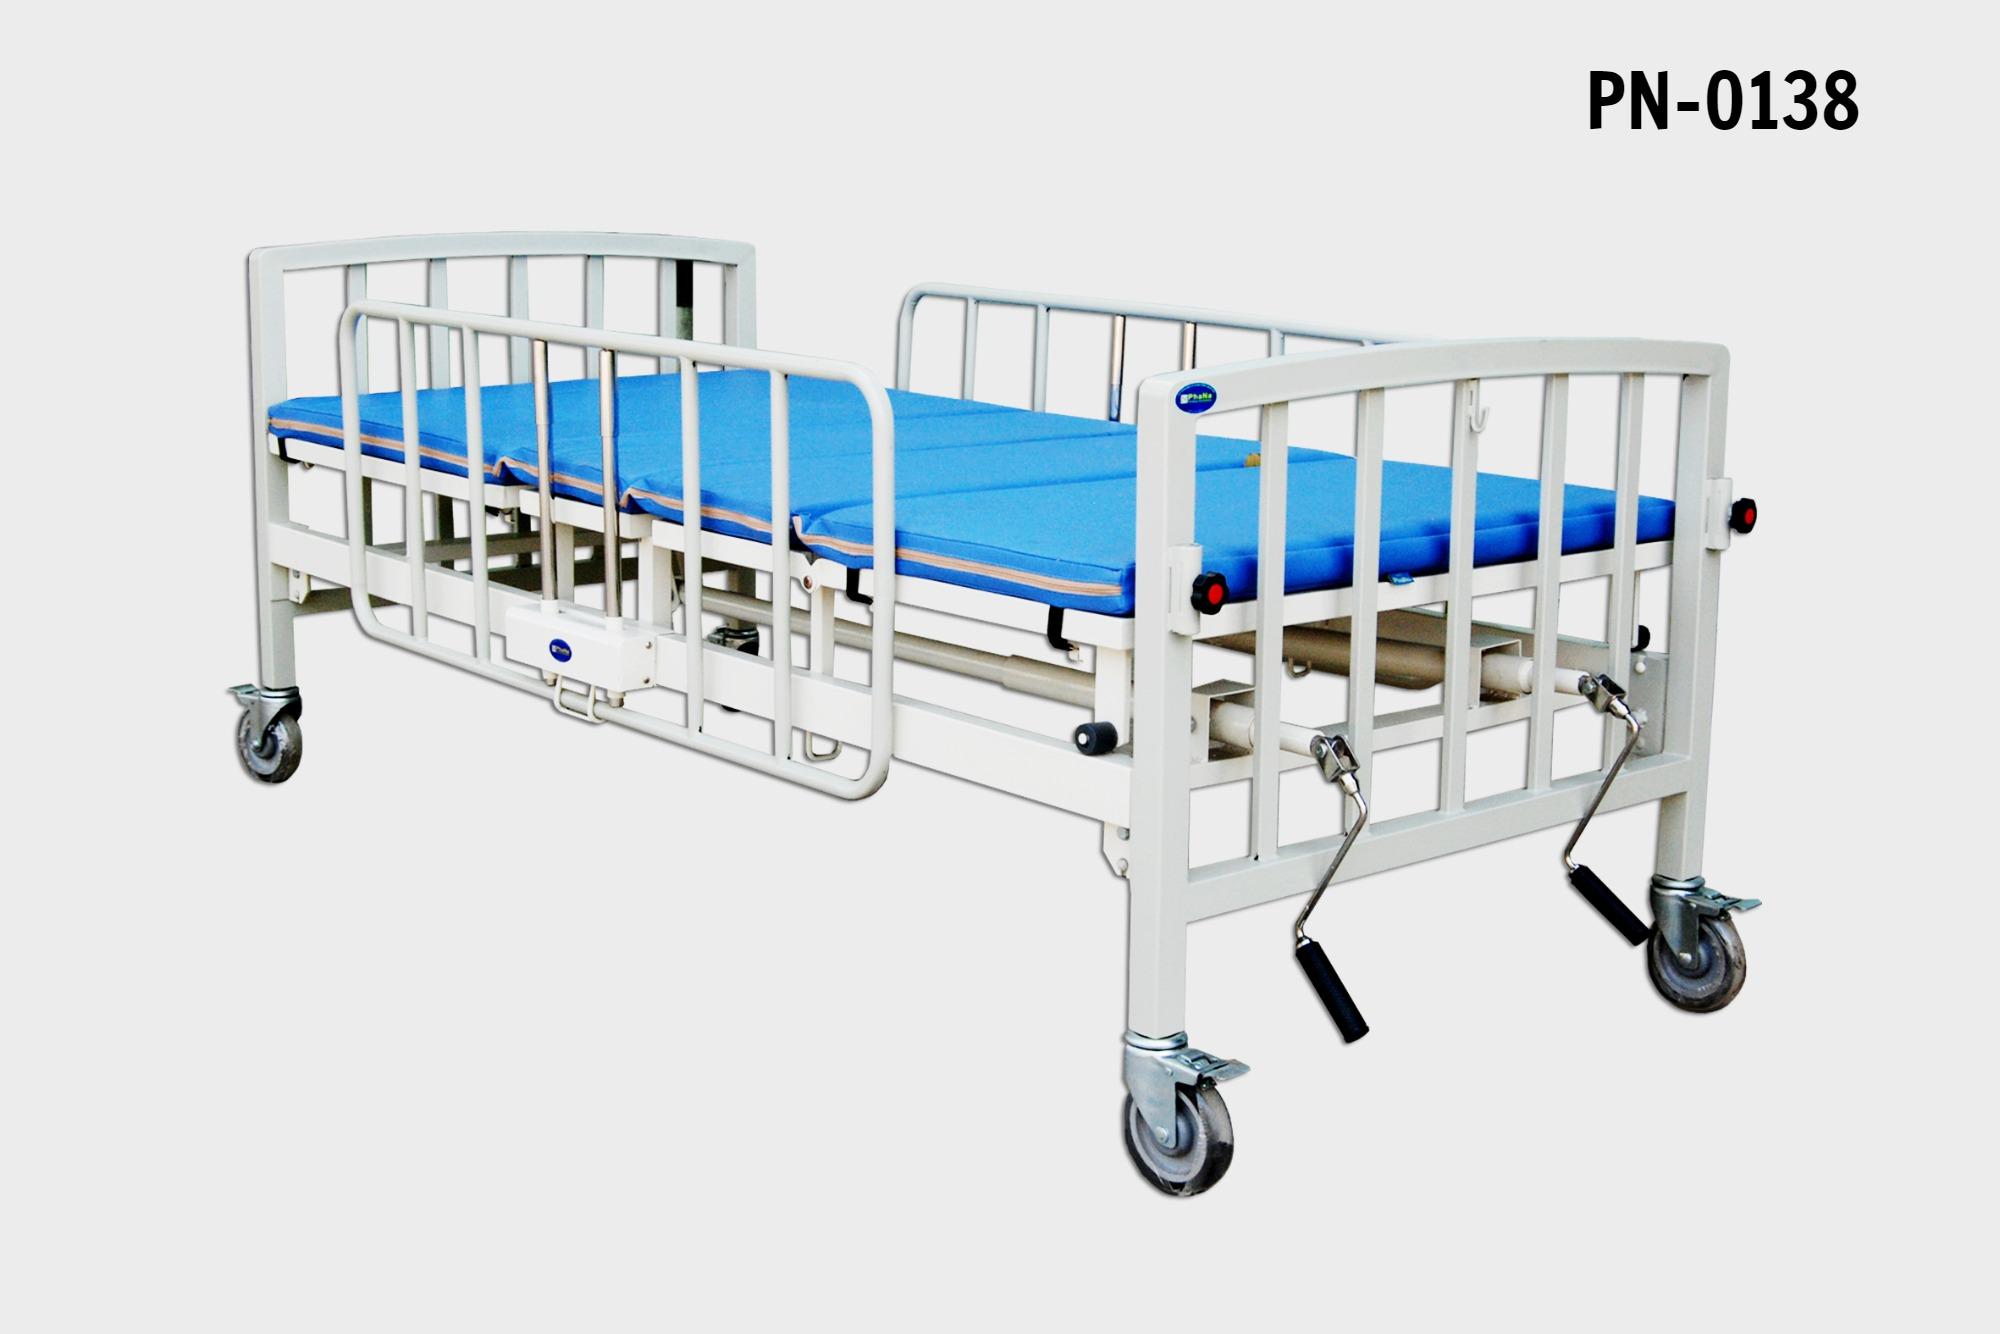 PN-0138- Giường y tế tay quay 2 chức năng